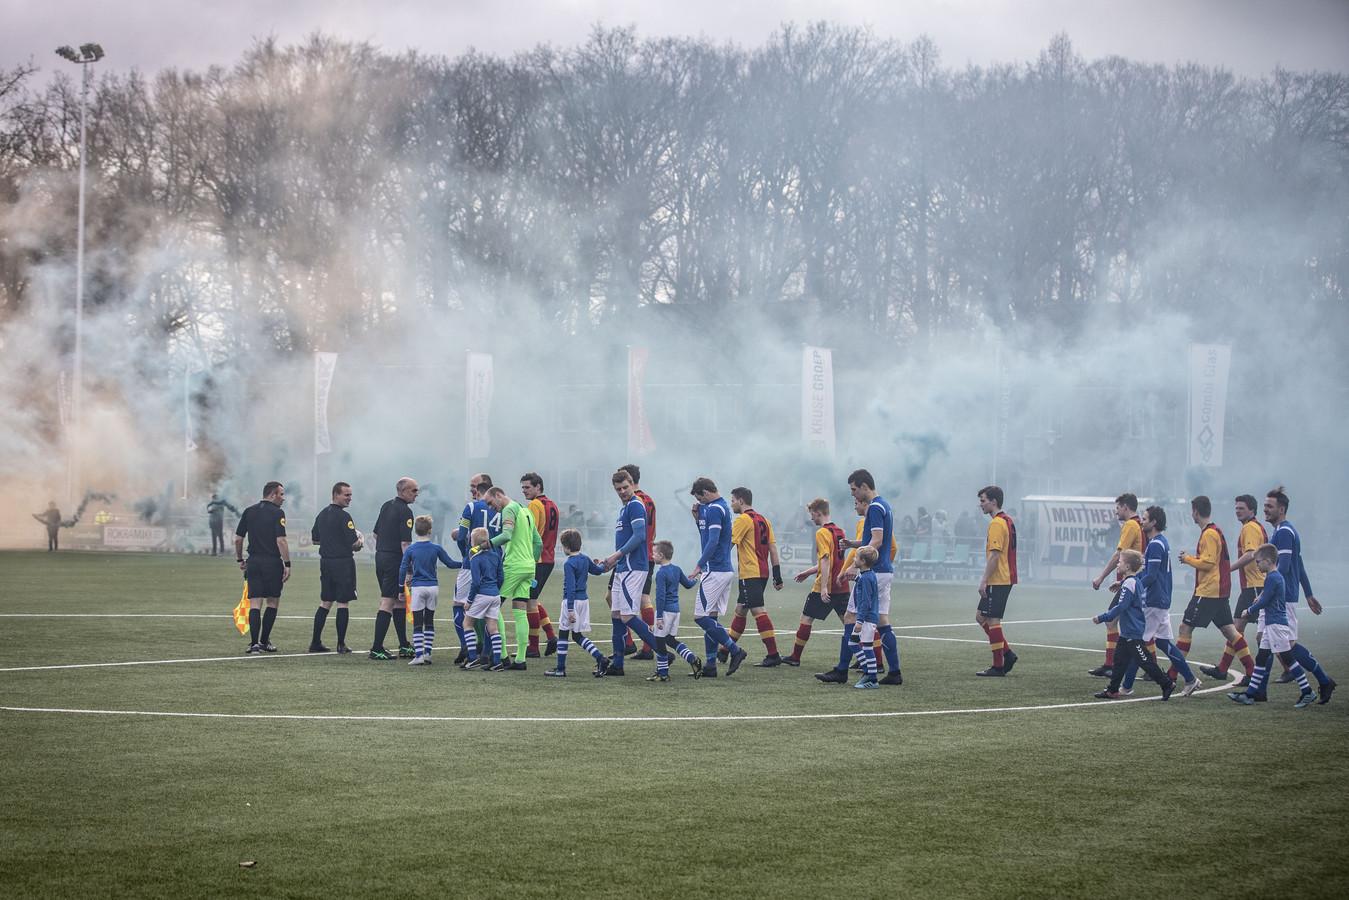 Een sfeervolle opkomst bij de derby TVC'28 - Stevo.